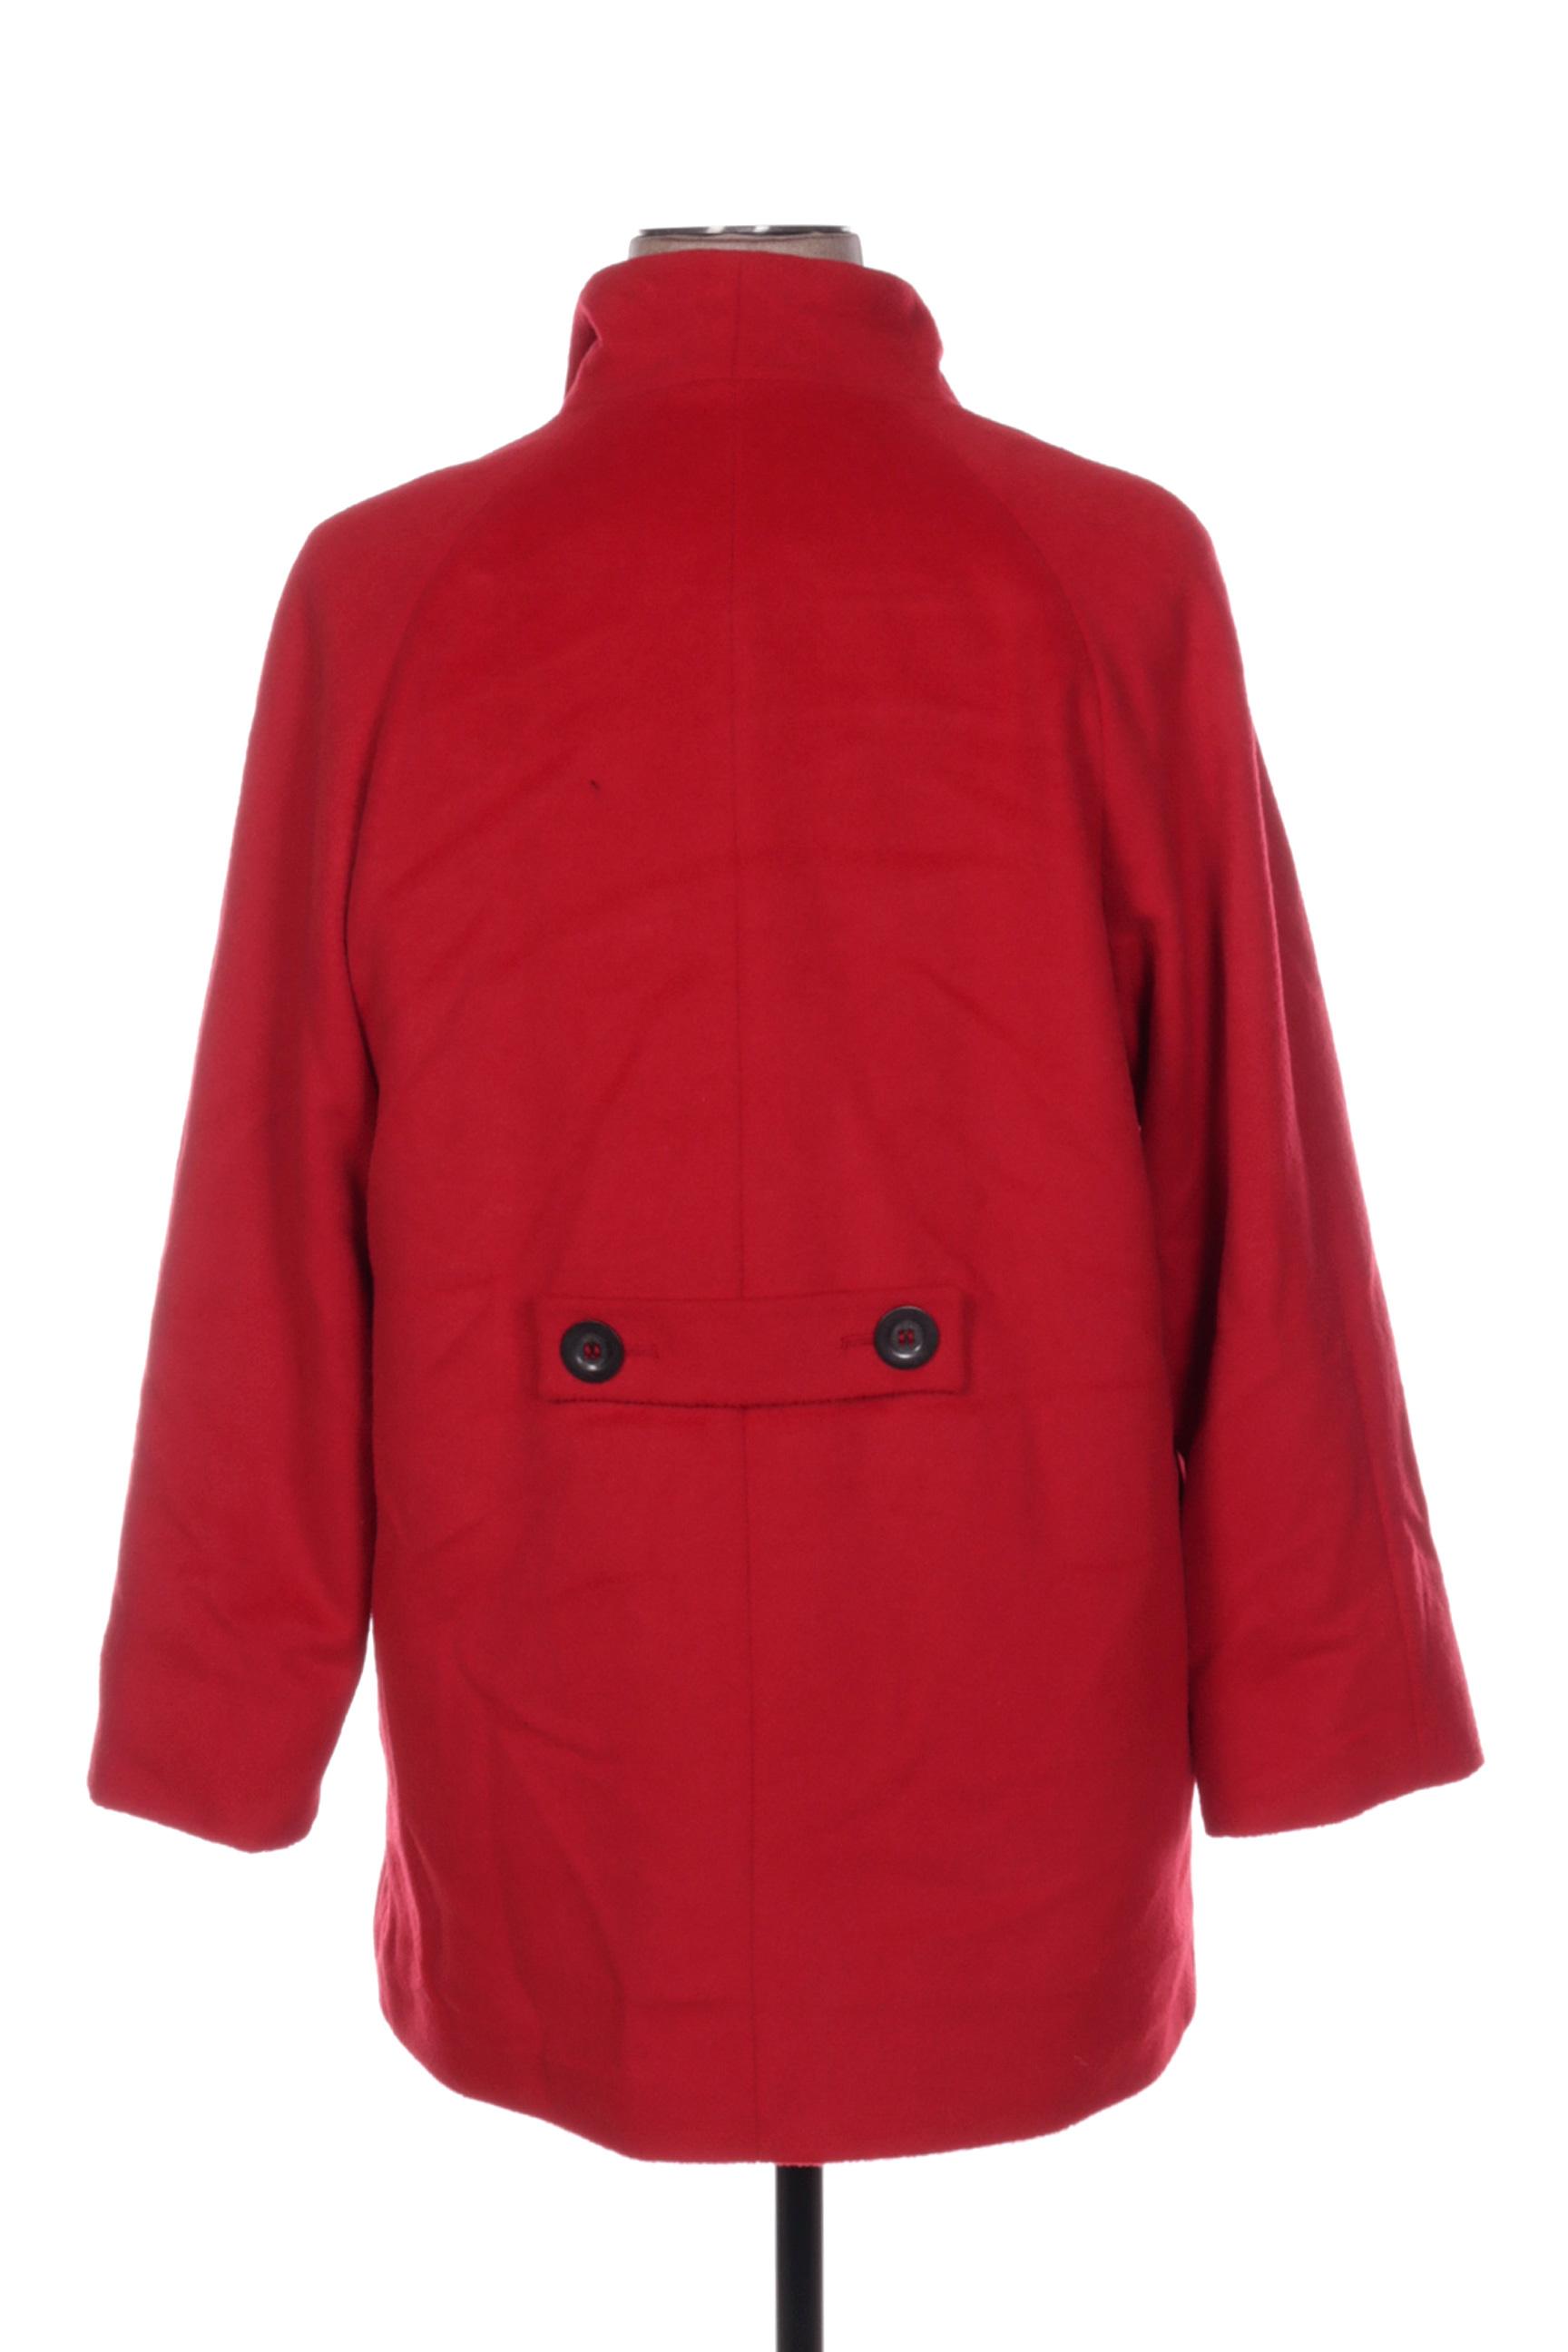 Christine Laure Manteaux Longs Femme De Couleur Rouge En Soldes Pas Cher 1436927-rouge0